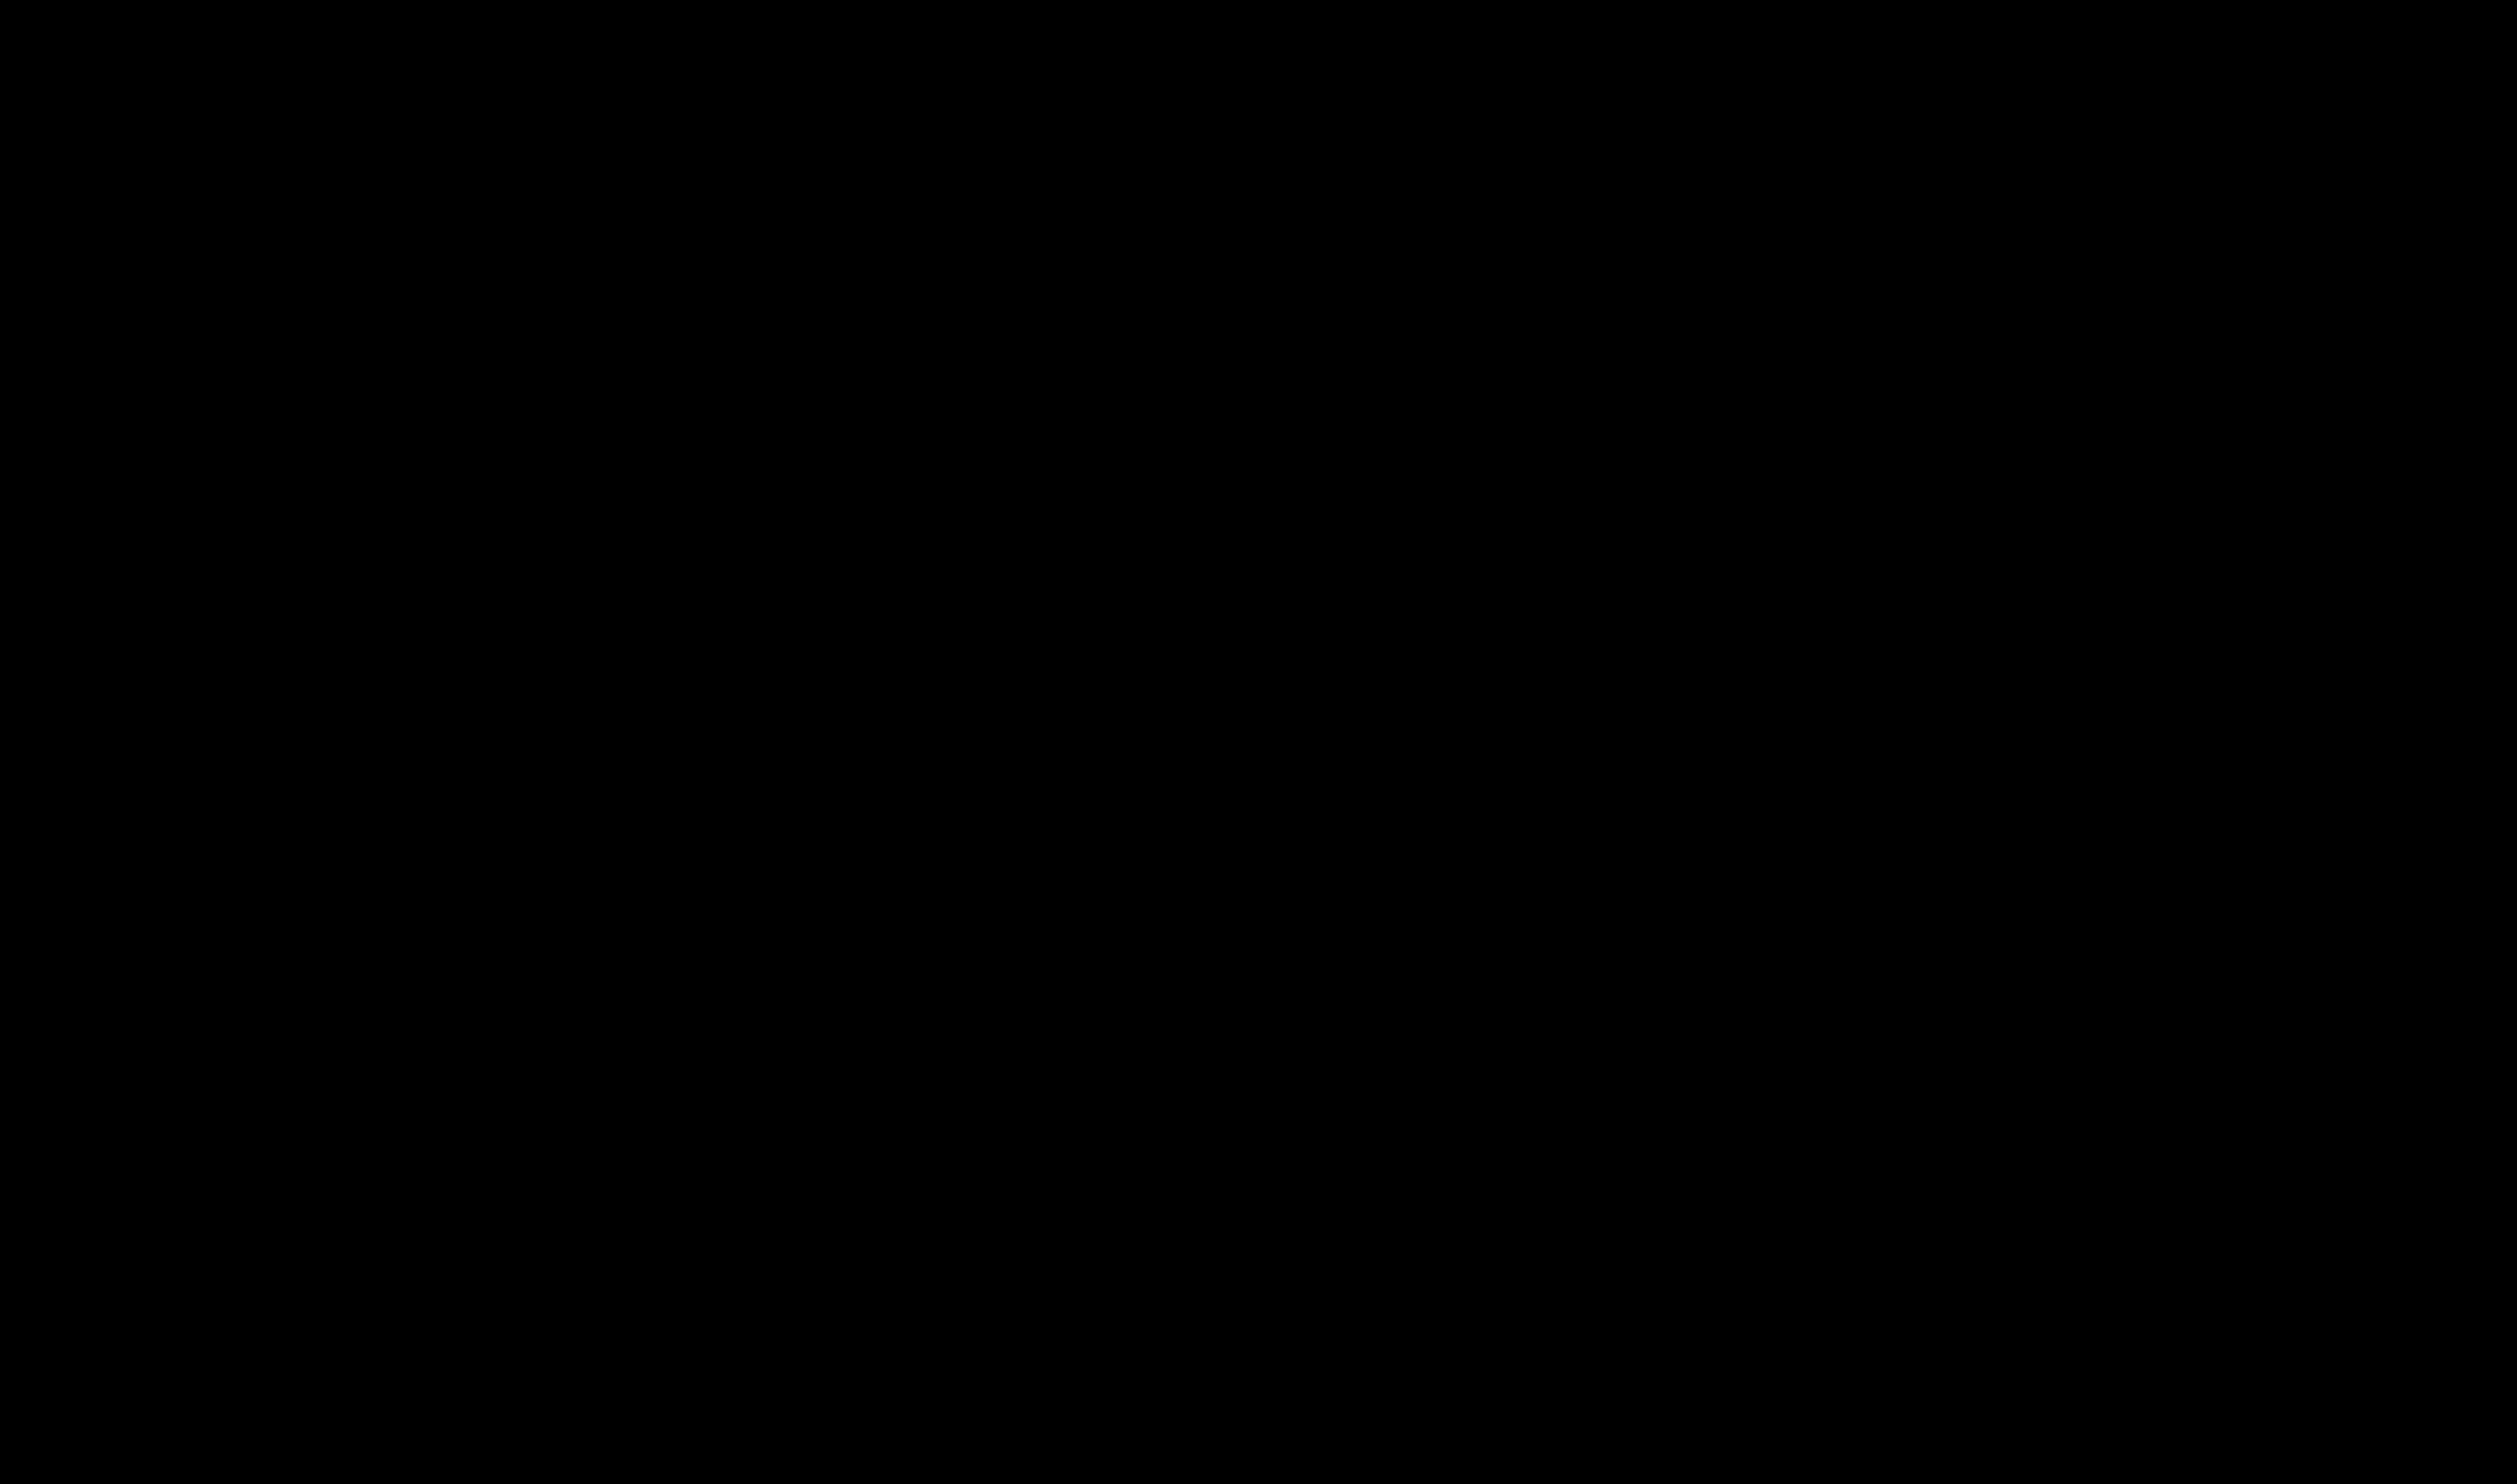 """Mario Camora ştie cum poate ajunge CFR Cluj în play-off-ul Ligii Campionilor: """"Trebuie să fim cel puţin la fel de agresivi ca ei!"""""""